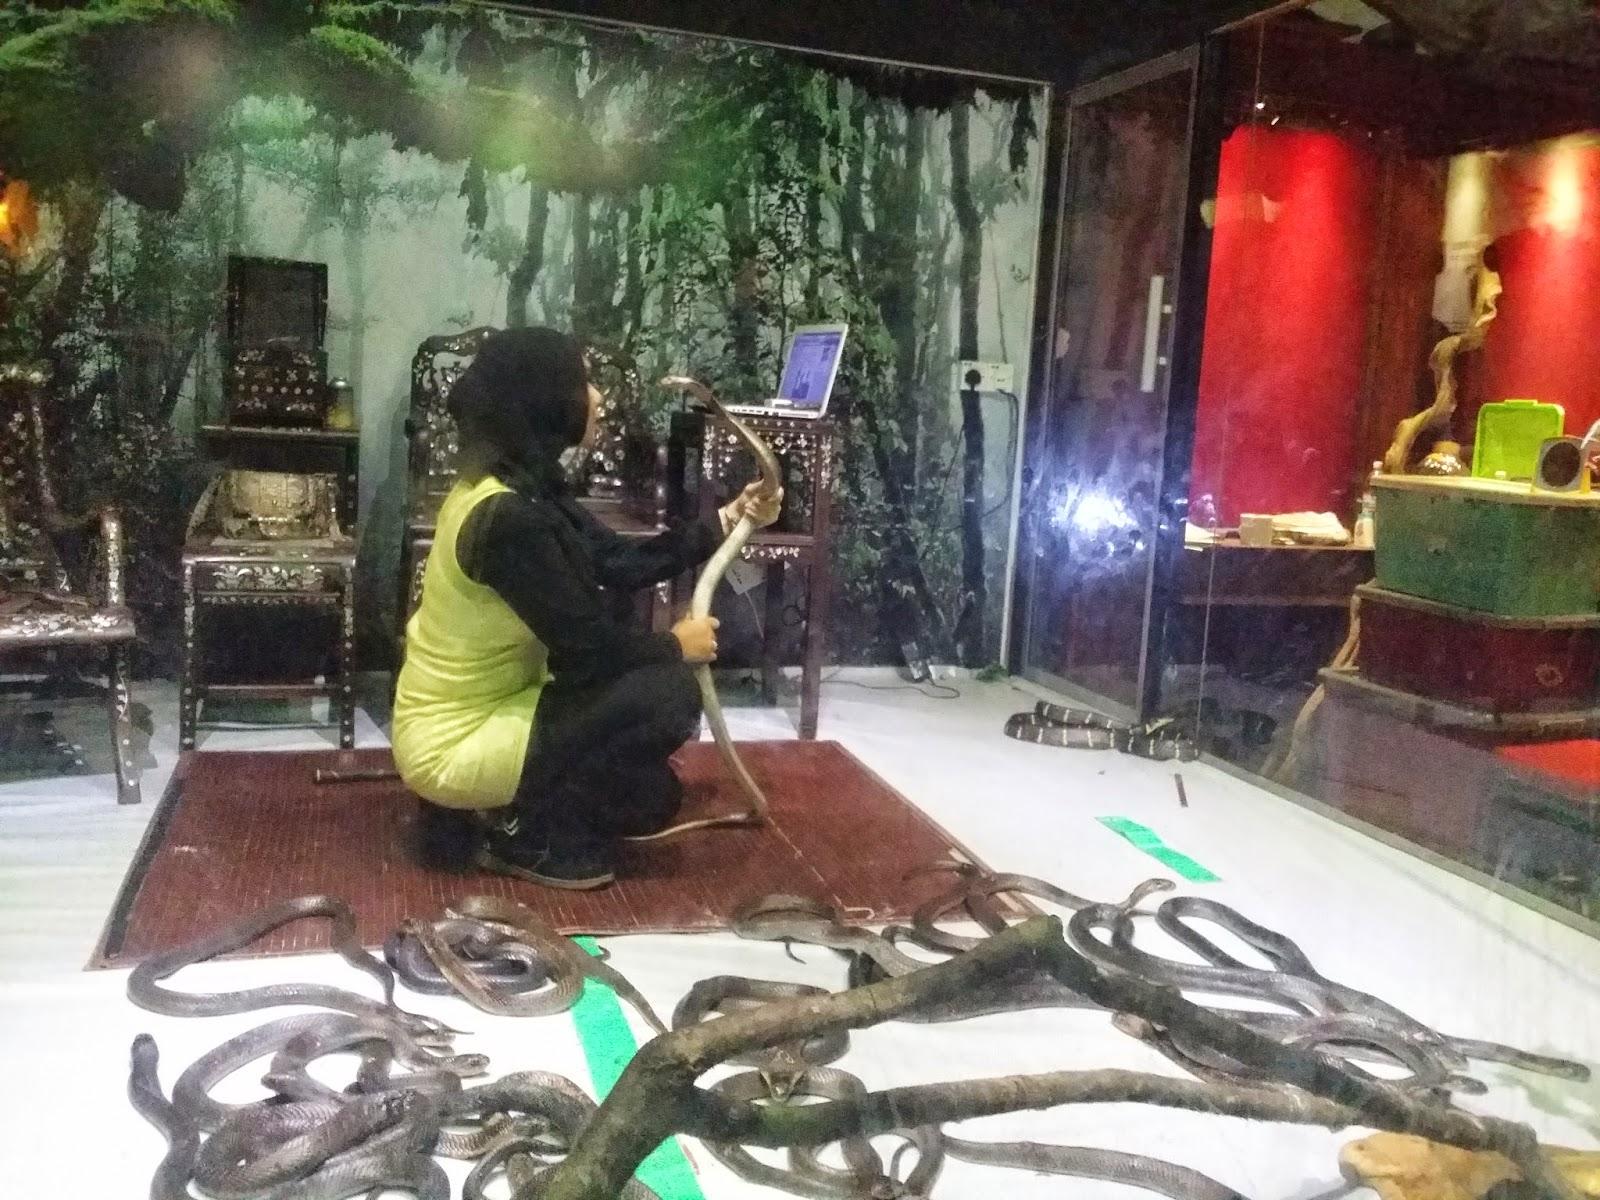 Muzium Negeri Kelantan, Pameran Ular, Pameran Ular di Muzium Negeri Kelantan, snake show, gadis bersama ular, kelantan, tempat menarik di kelantan,